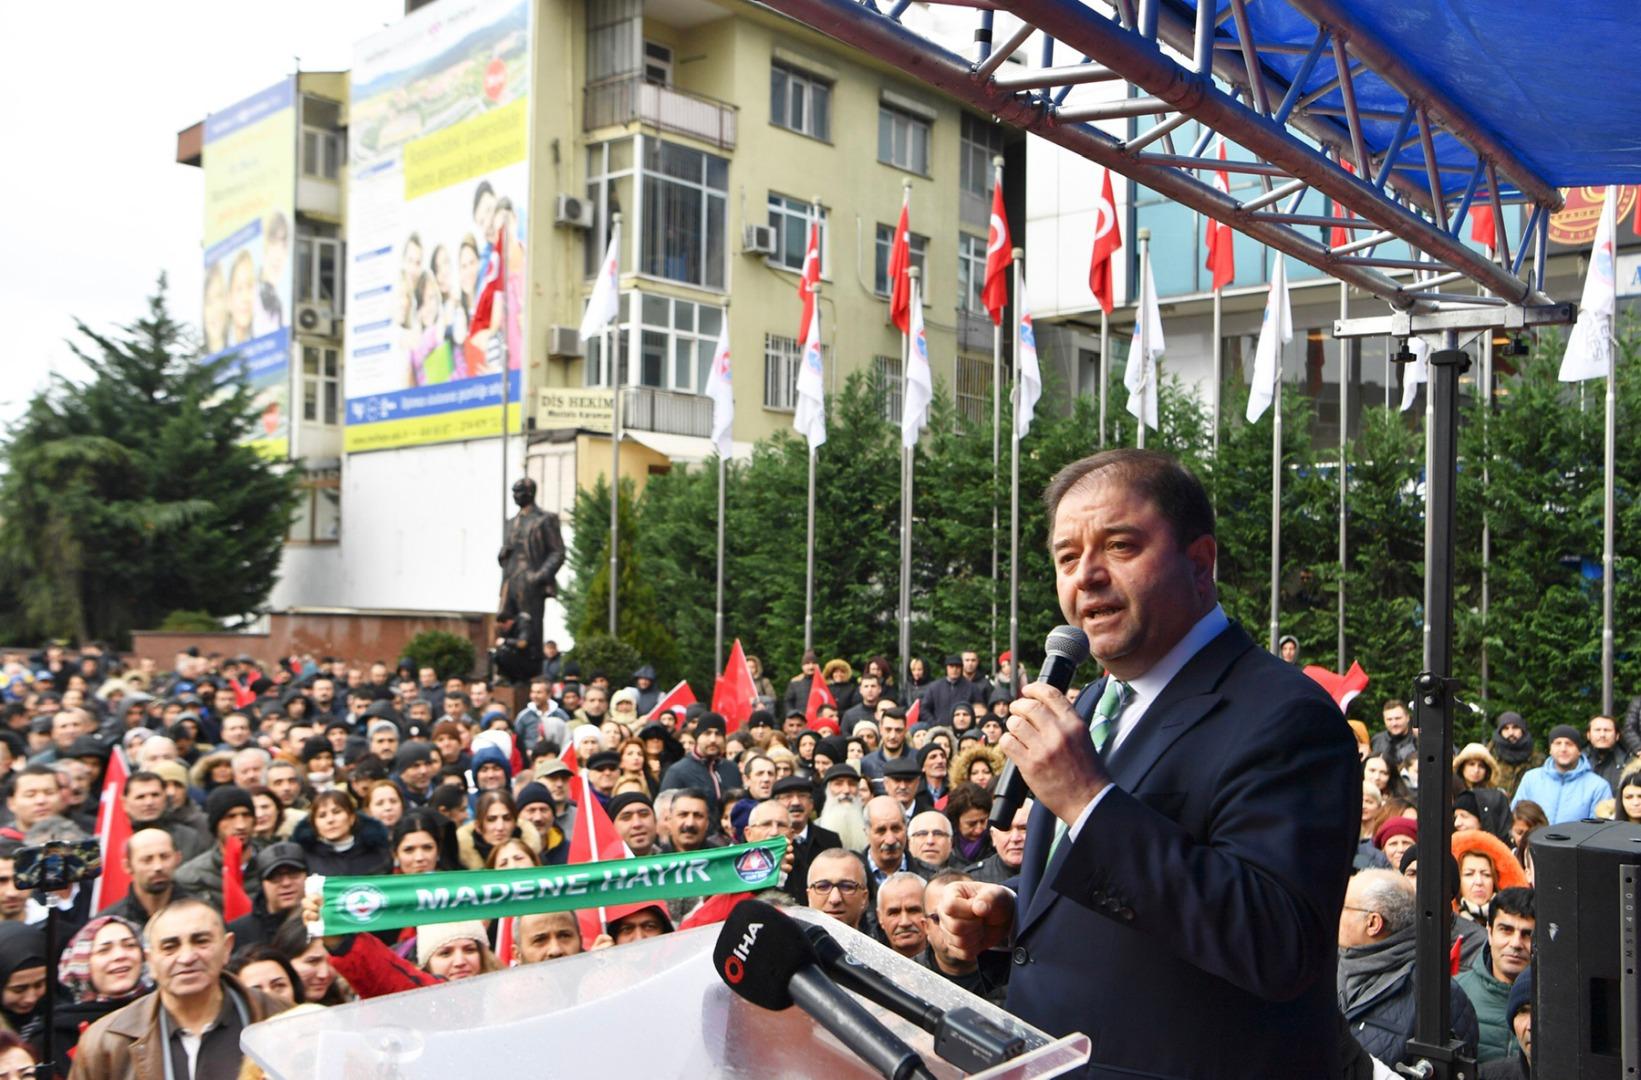 Başkan Kılıç'tan iddialara yanıt: Onlarla yargıda hesaplaşacağız